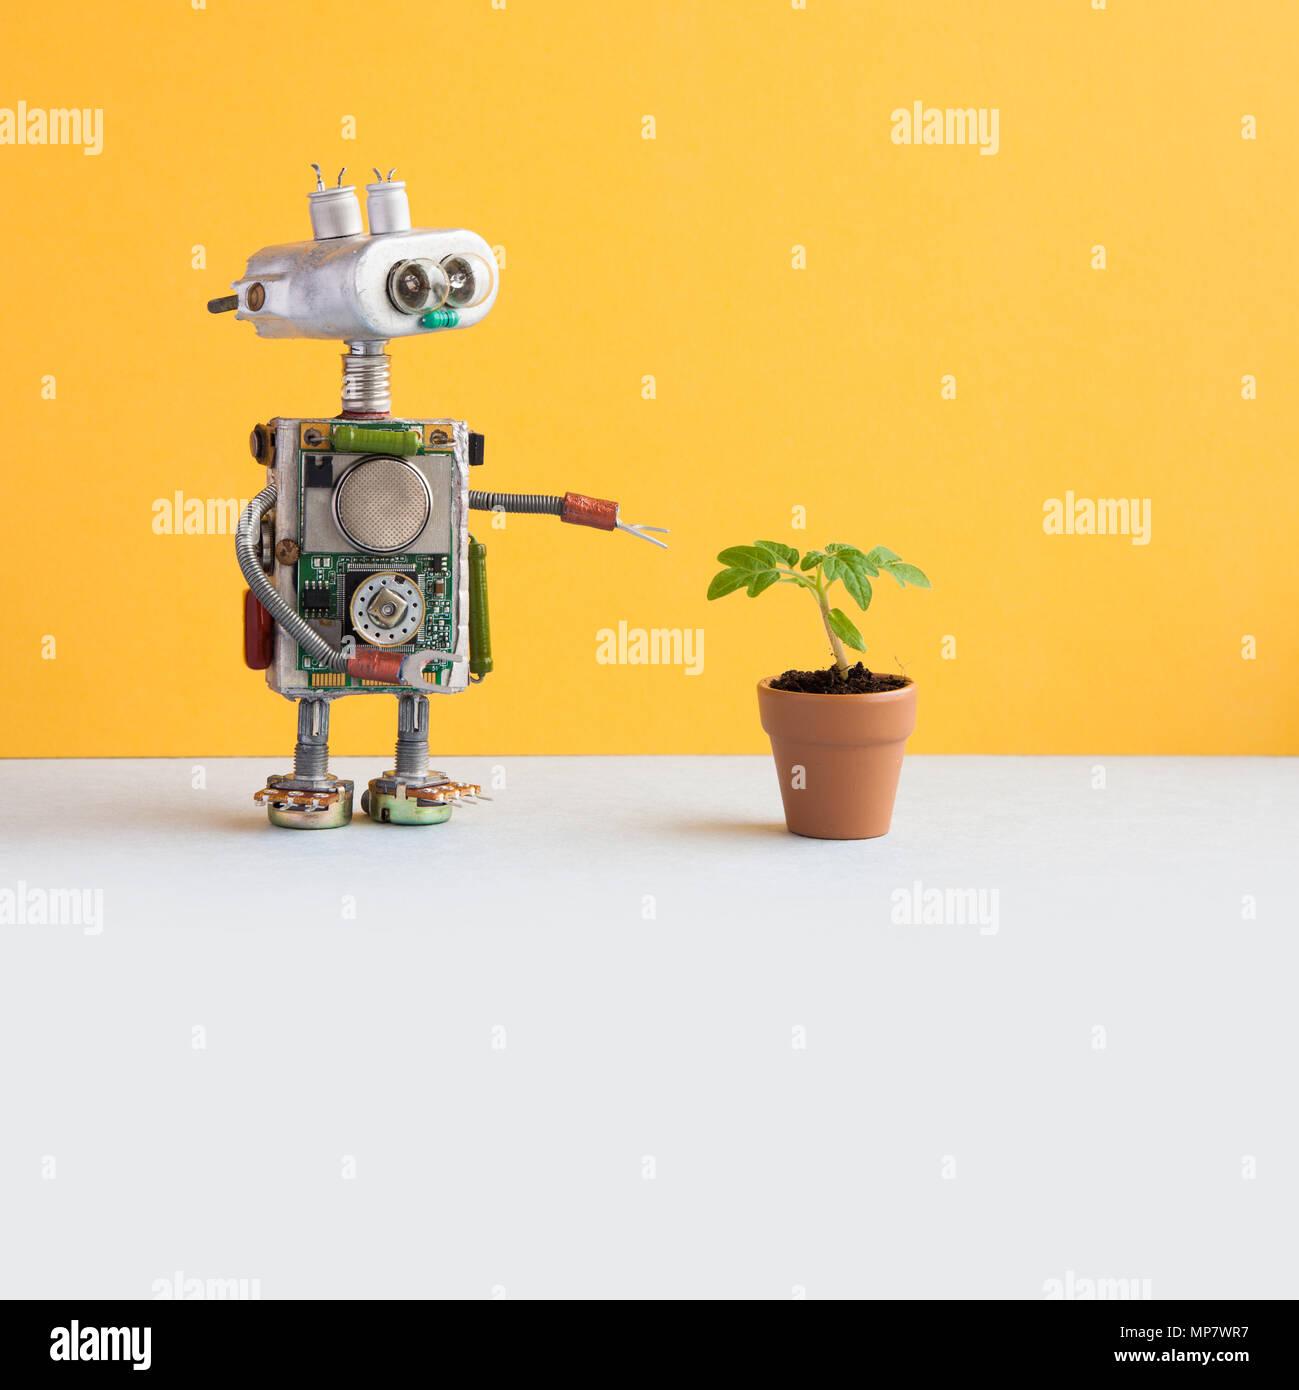 Concepto de biotecnología. Investigador del robot puntos su mano en el green germinan en una olla de barro. Pared amarilla, blanca piso de fondo. Espacio de copia Imagen De Stock